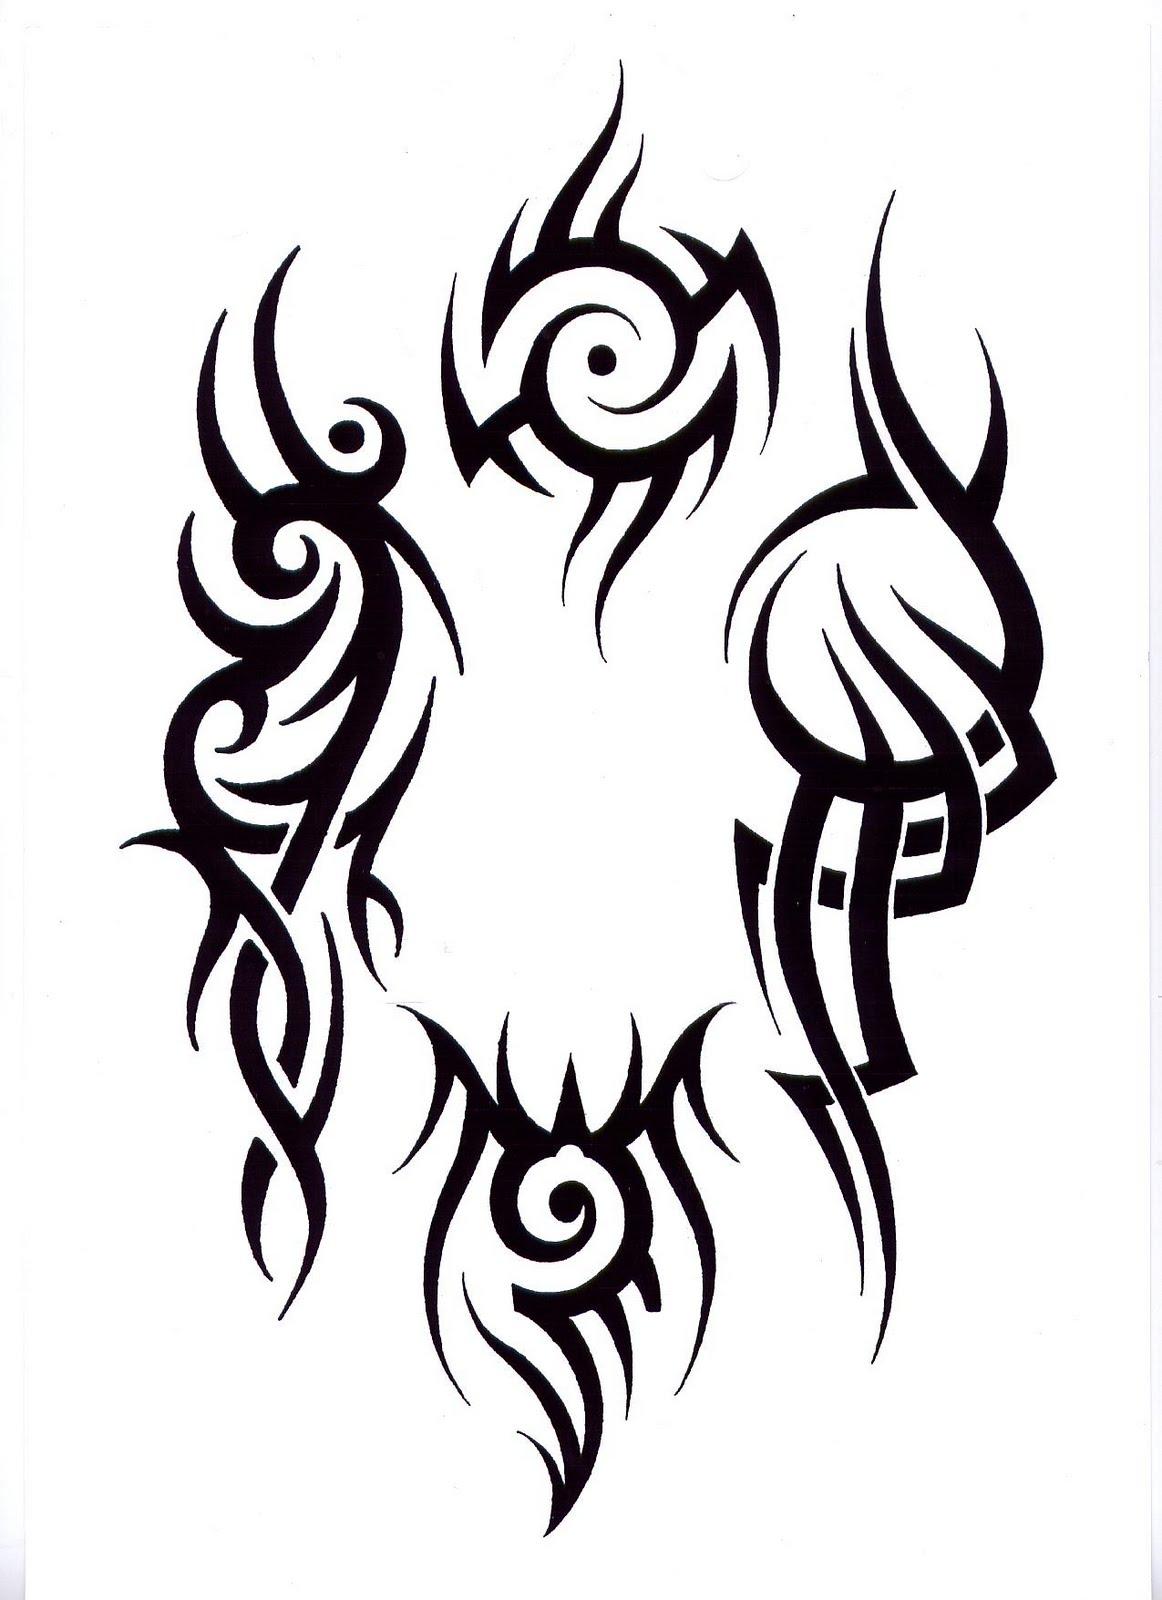 Small Art Tattoo Designs: Popular Tribal Tattoo Design